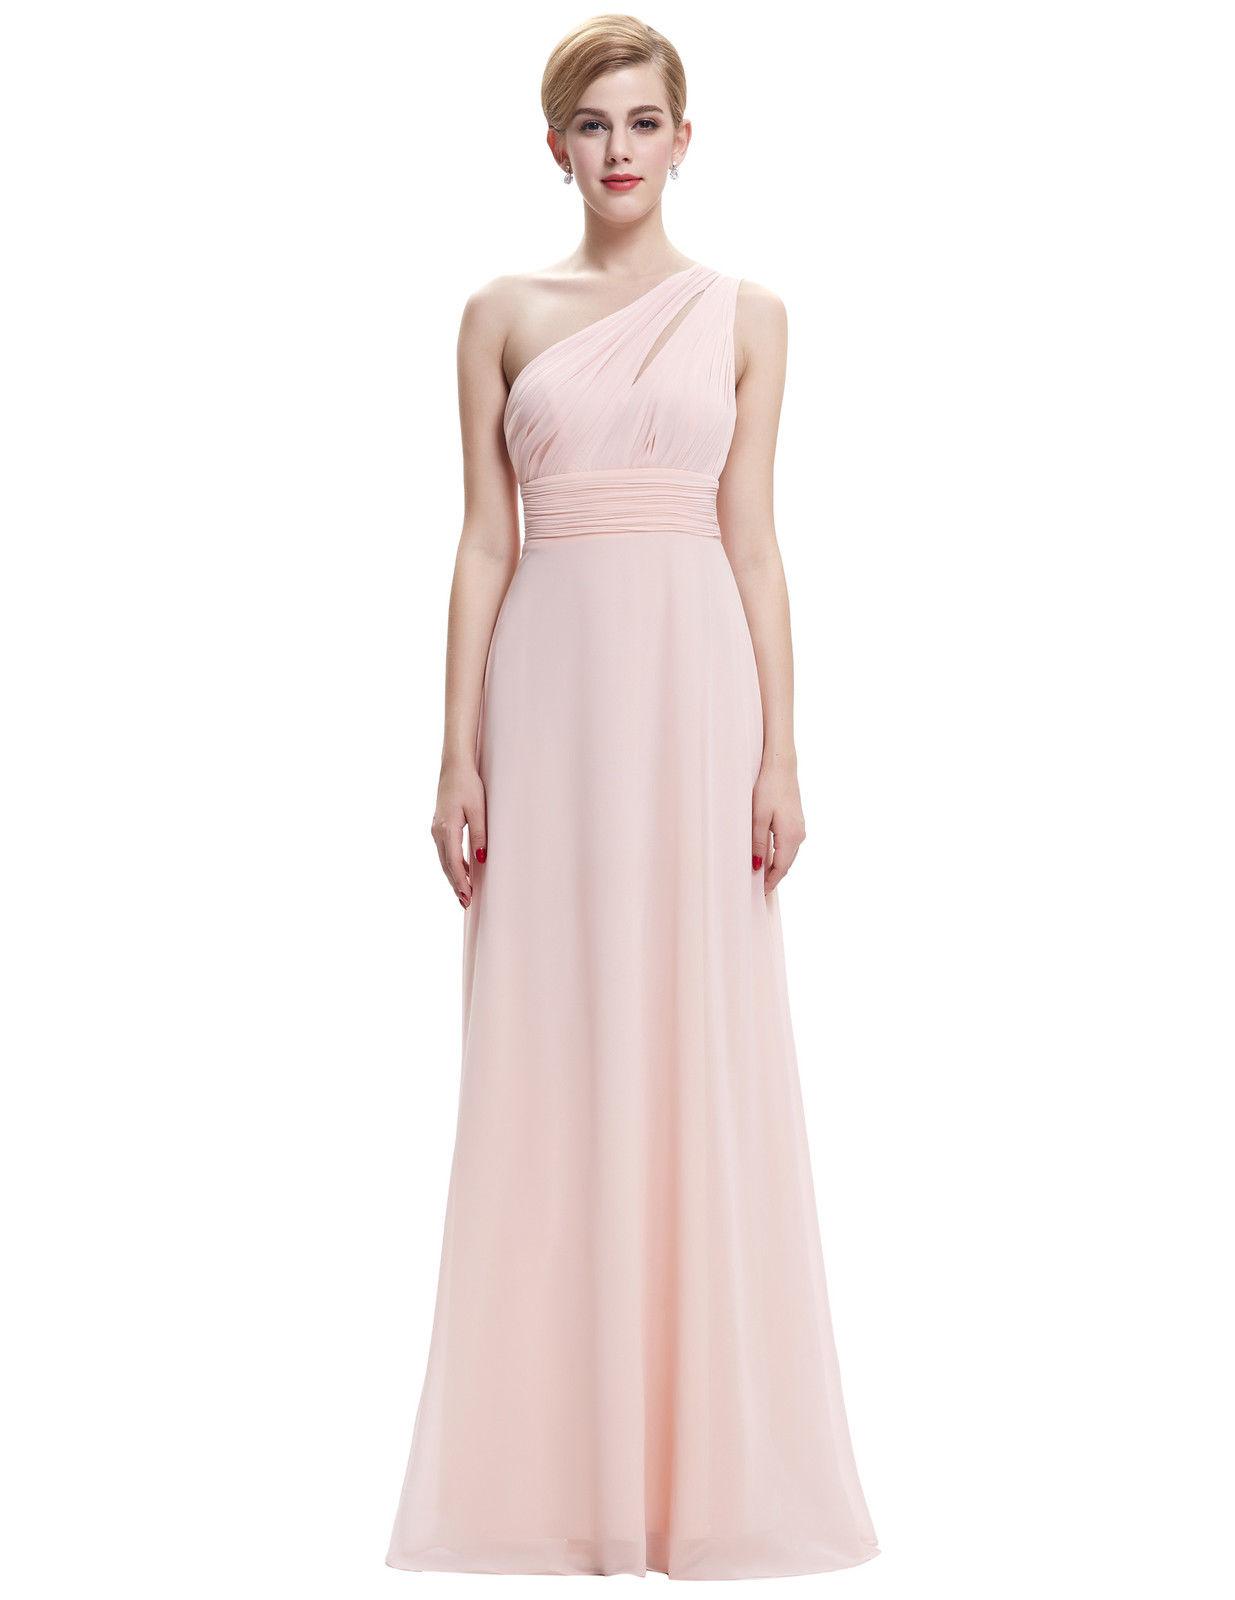 5038cce053f9 Společenské dlouhé šaty na jedno rameno růžová